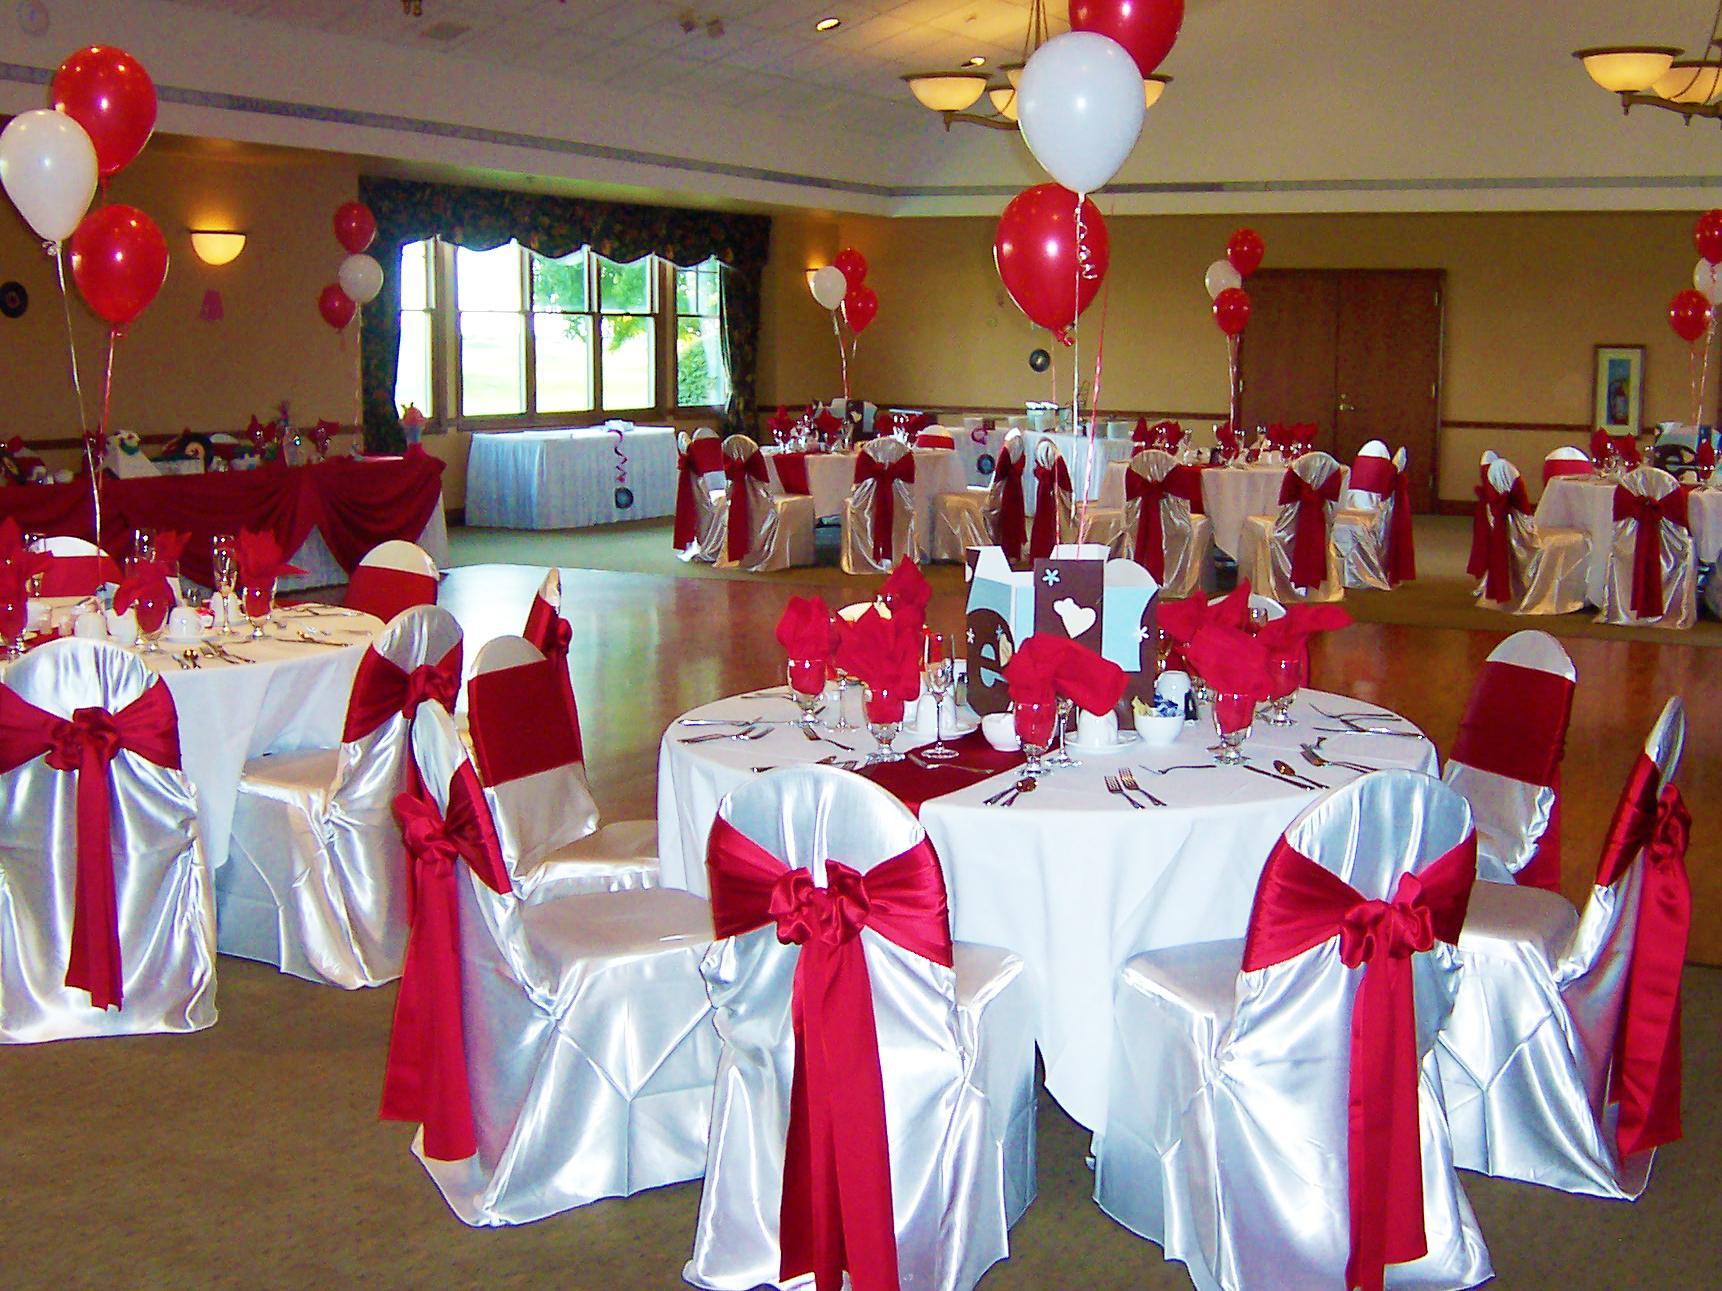 Prairie Bluff Golf Club in Lockport, Illinois | Wedding Venue | Event Venue | Golf Club Venue